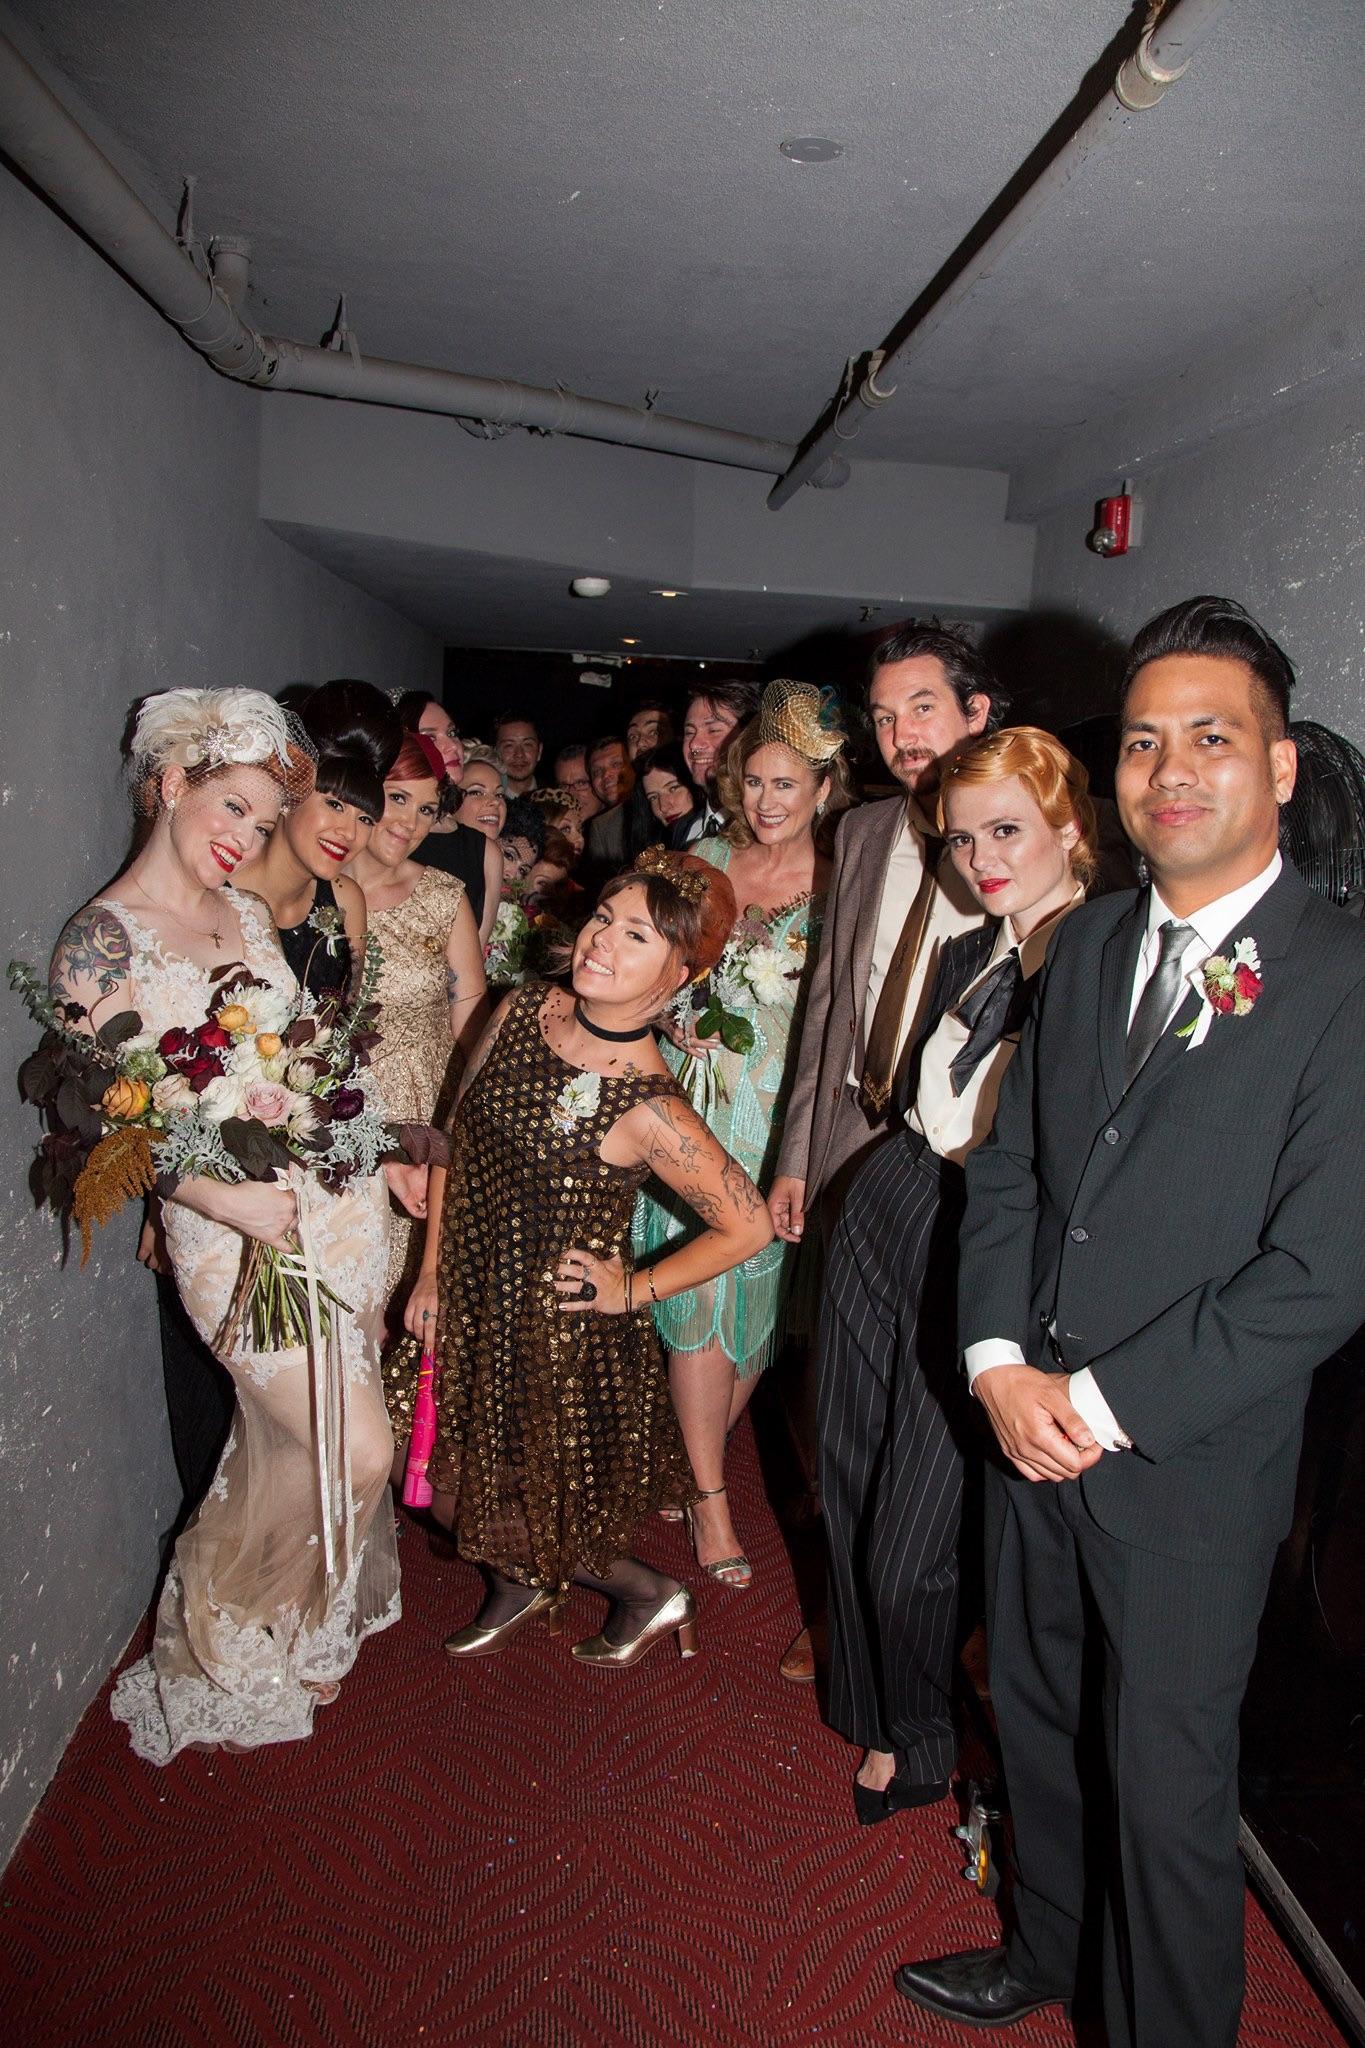 Wedding Party- Photo by Melinda Sanders